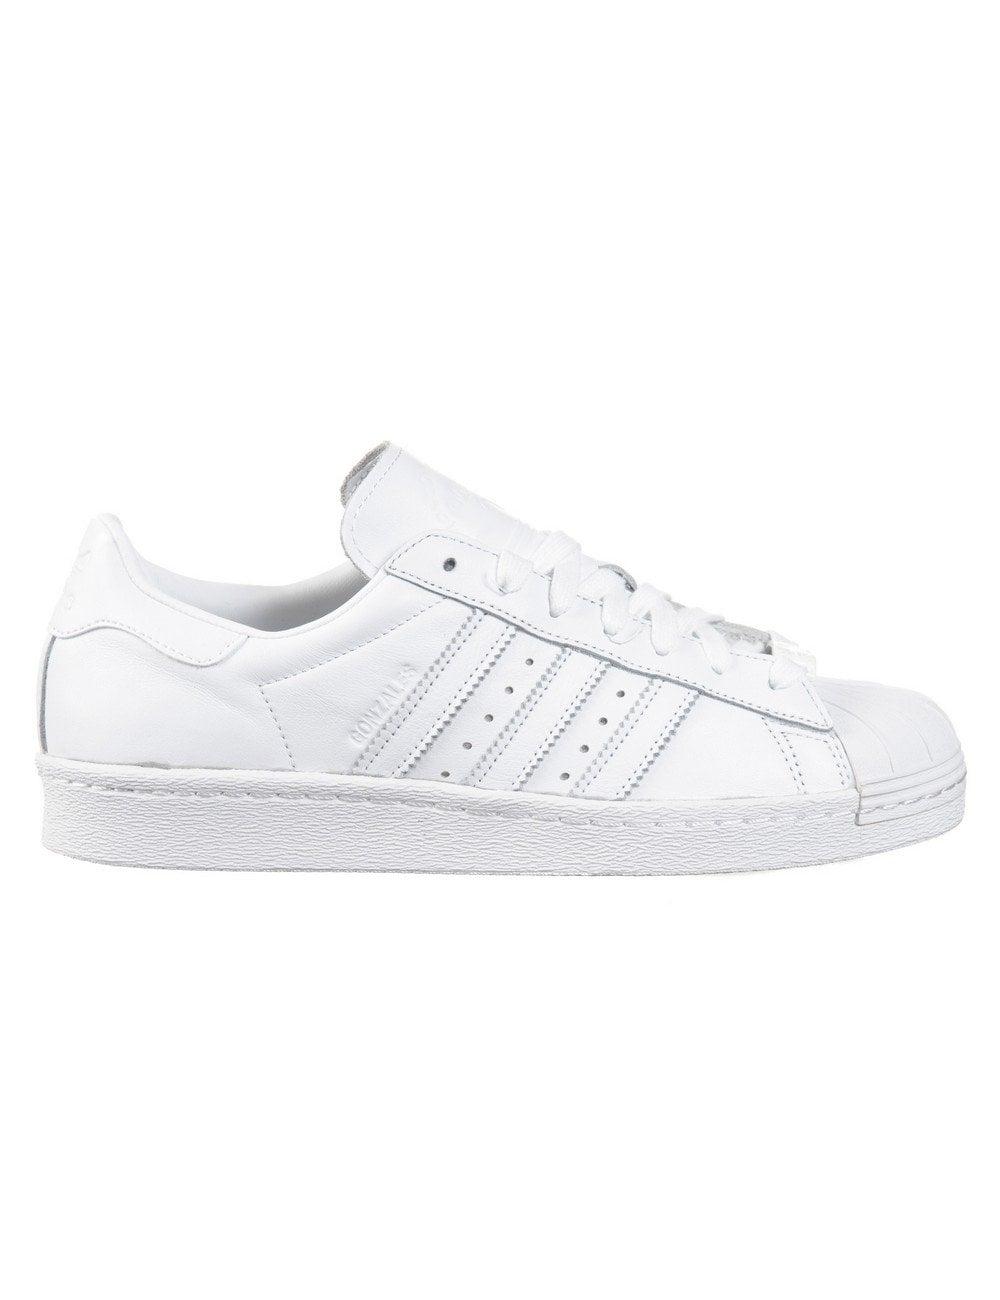 Superstar 80s Gonzales Shoes , Wht/Wht